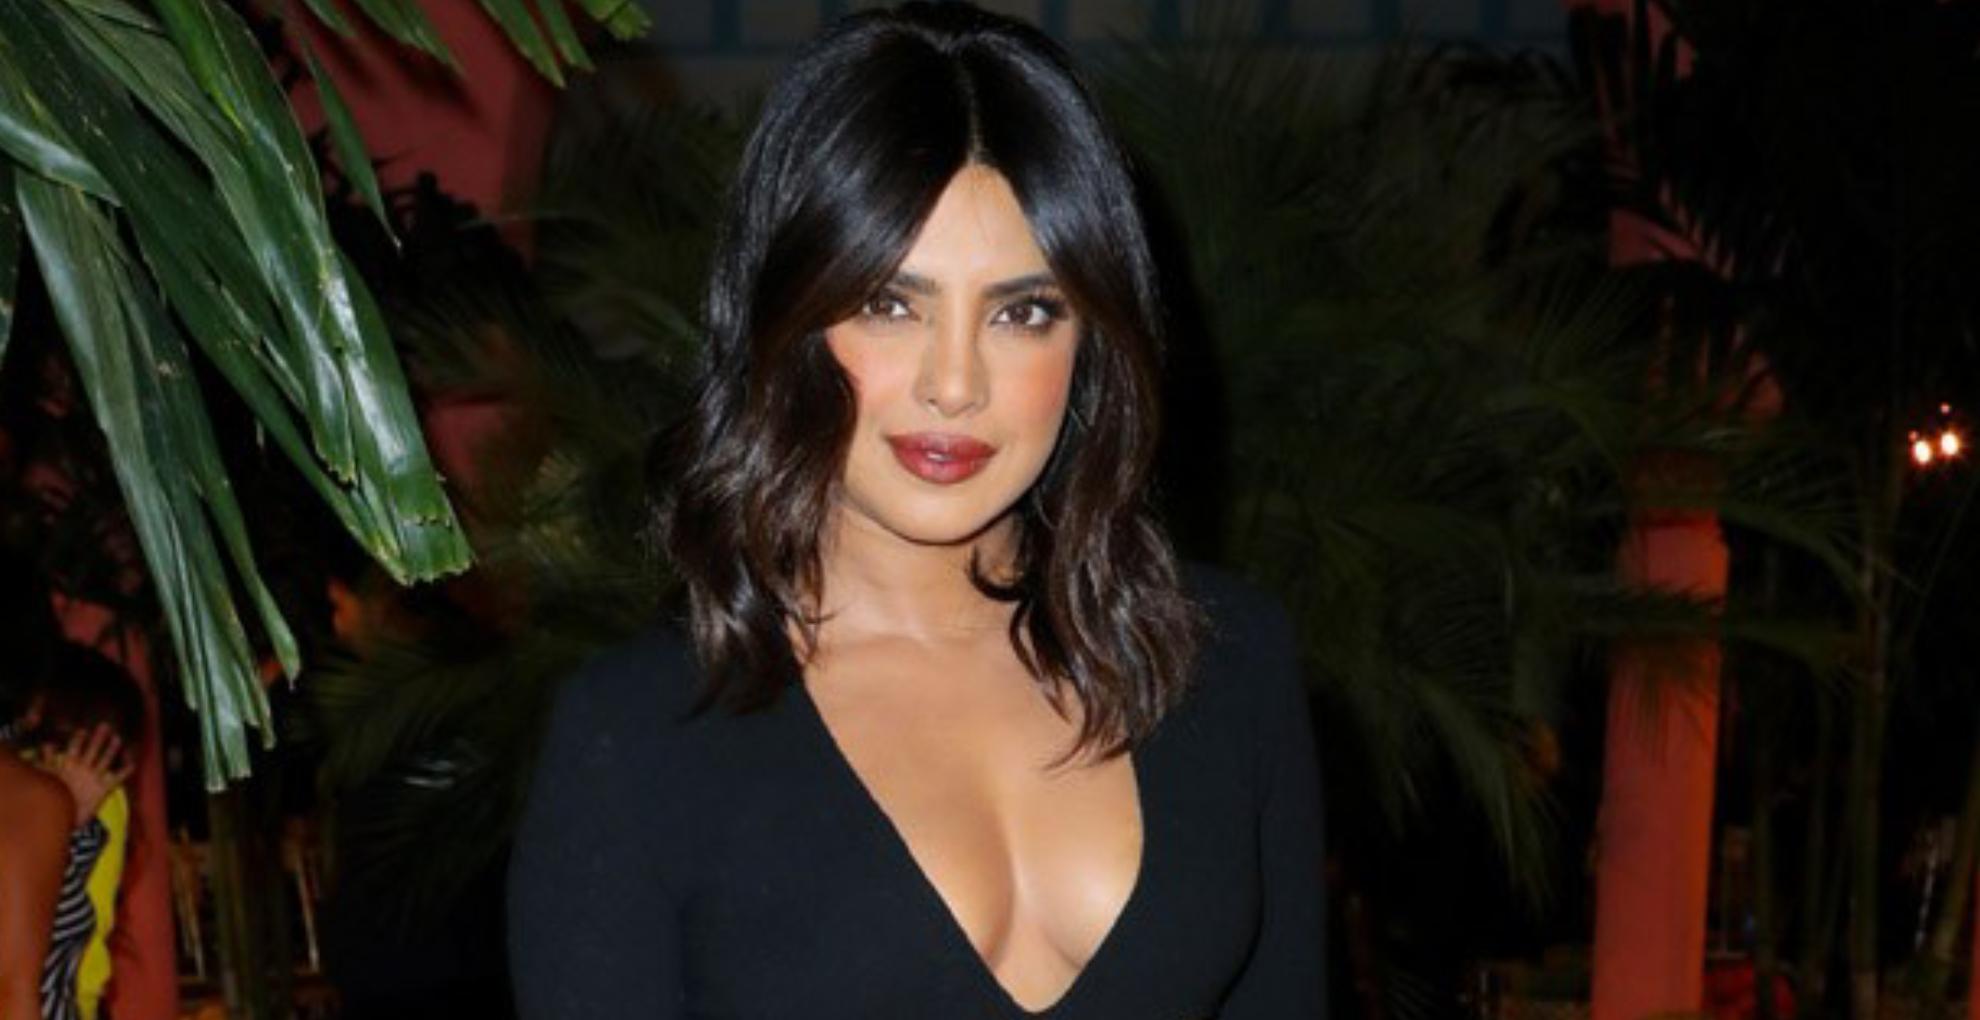 प्रियंका चोपड़ा ने अपने ग्लैमरस लुक से फिर ढाया कहर, ब्लैक ड्रेस में लगी बला की खूबसूरत